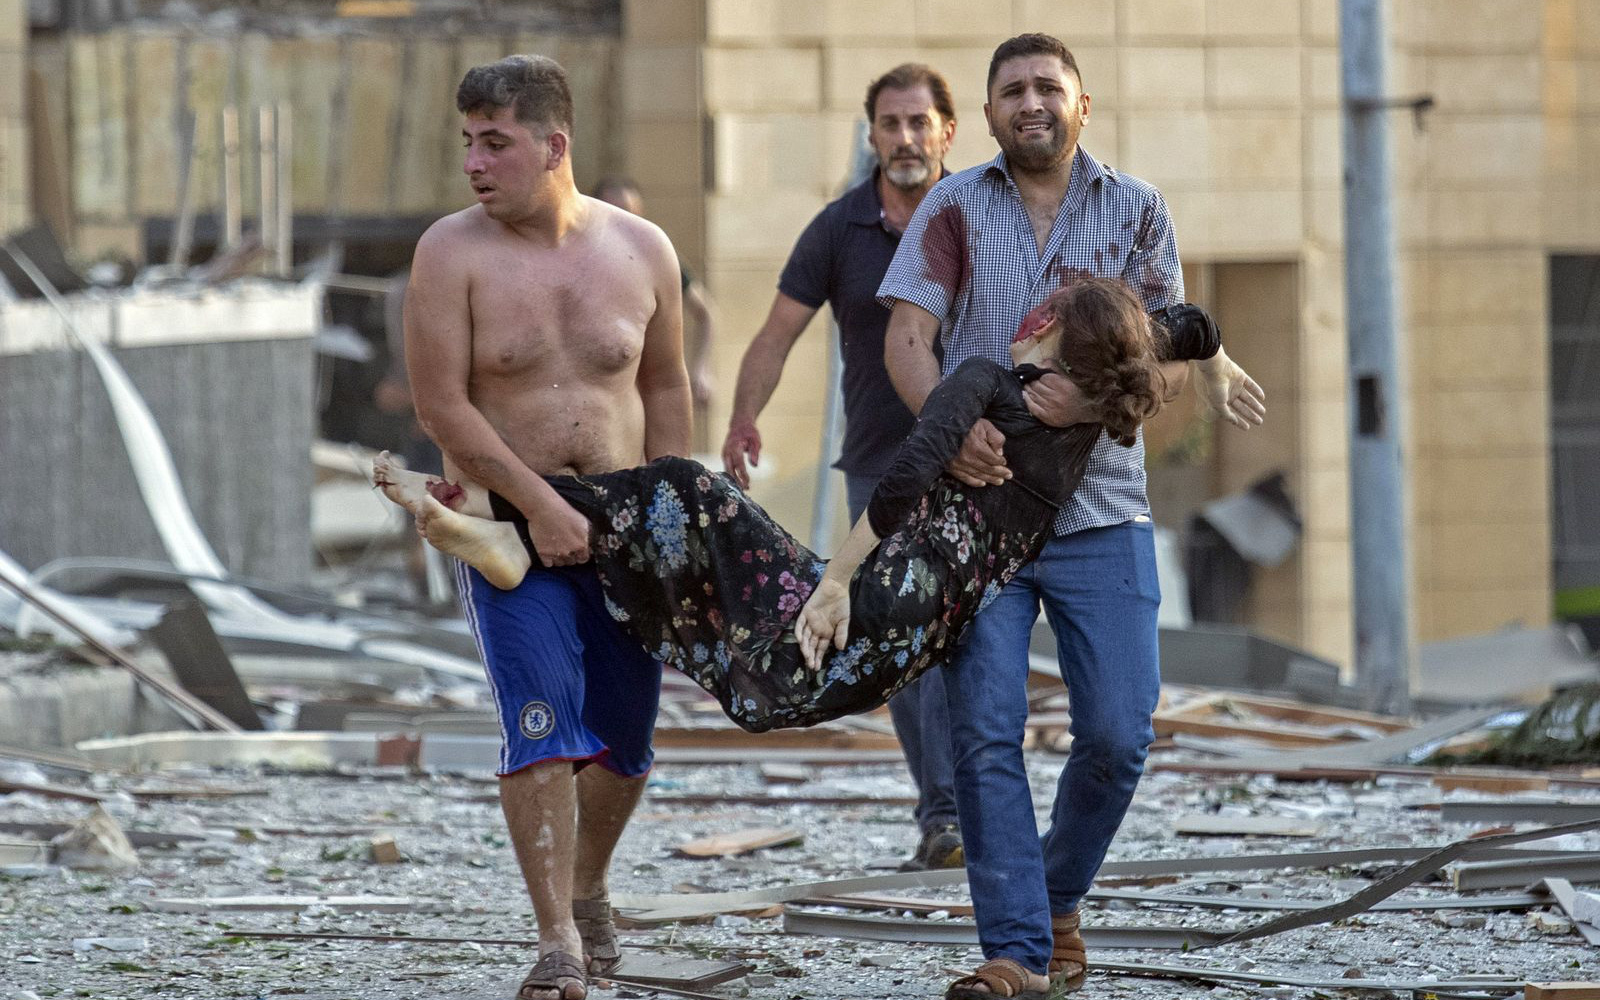 Lebanon và câu chuyện tình người nở rộ: Giữa thảm họa, người dưng cũng hóa người thương